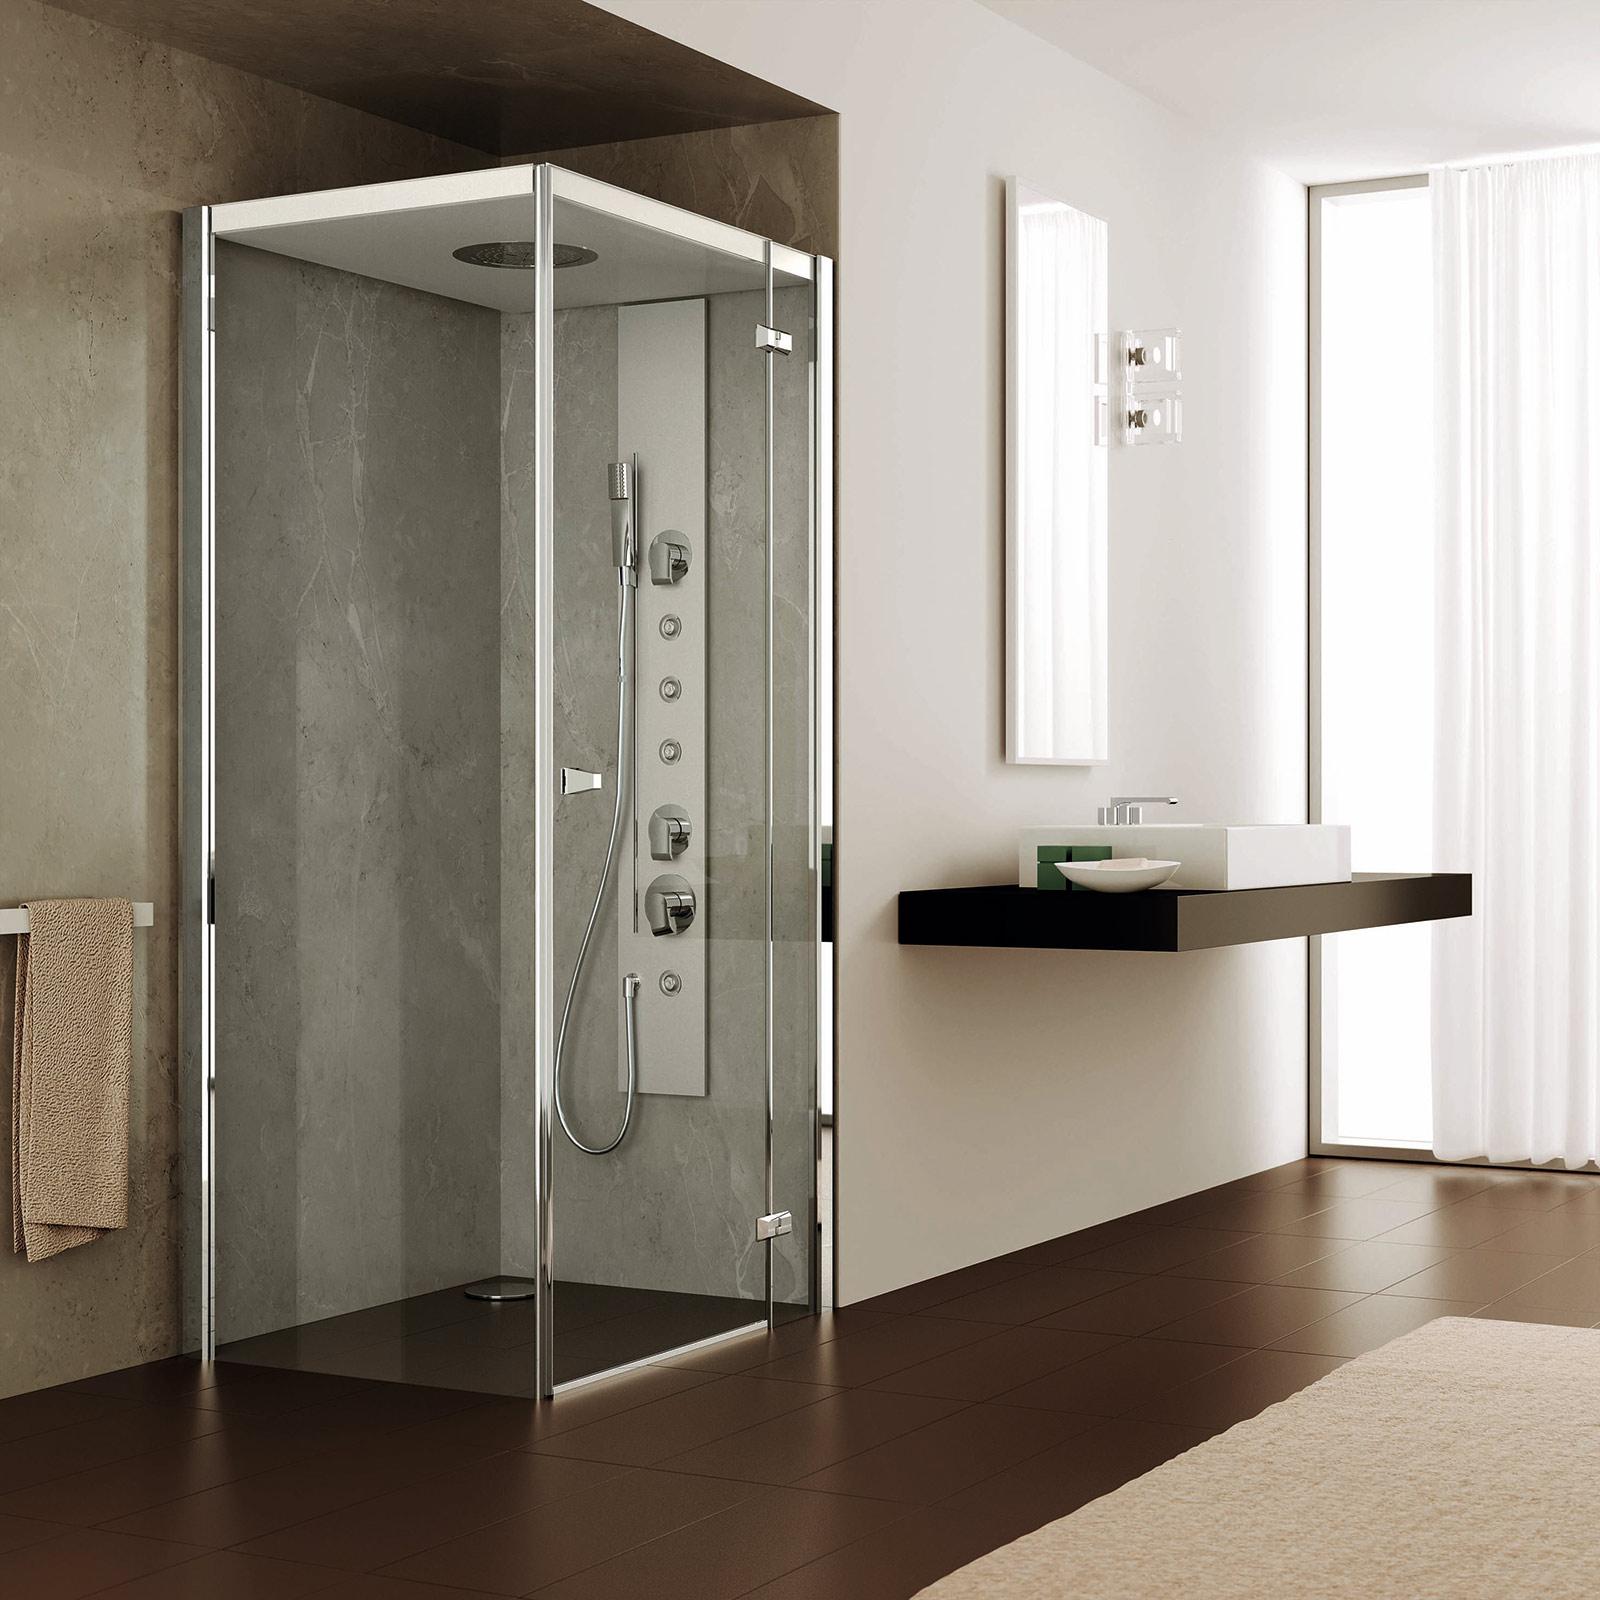 Come costruire un bagno turco nella doccia - Internet Italiano